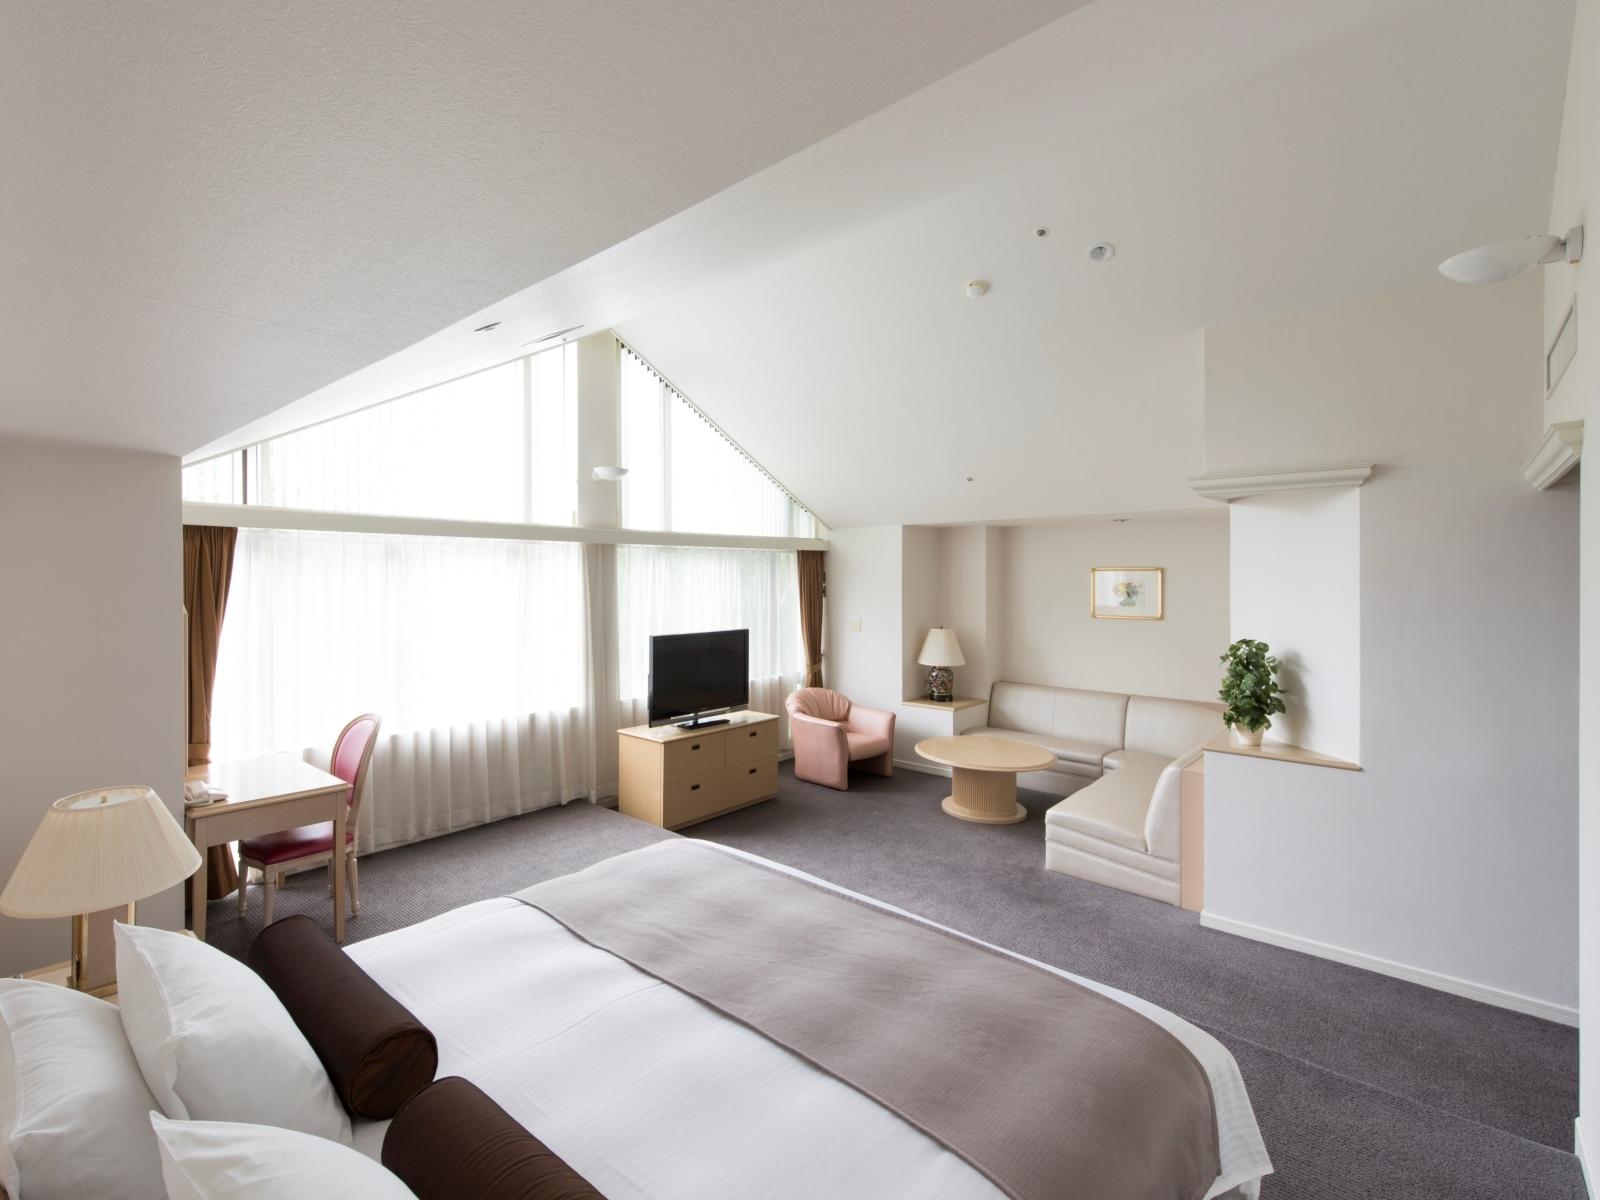 ルスツリゾートホテル&コンベンション / ジュニアスイート洋室2-4名◆禁煙/66㎡◆ダブル×ツイン【DP】